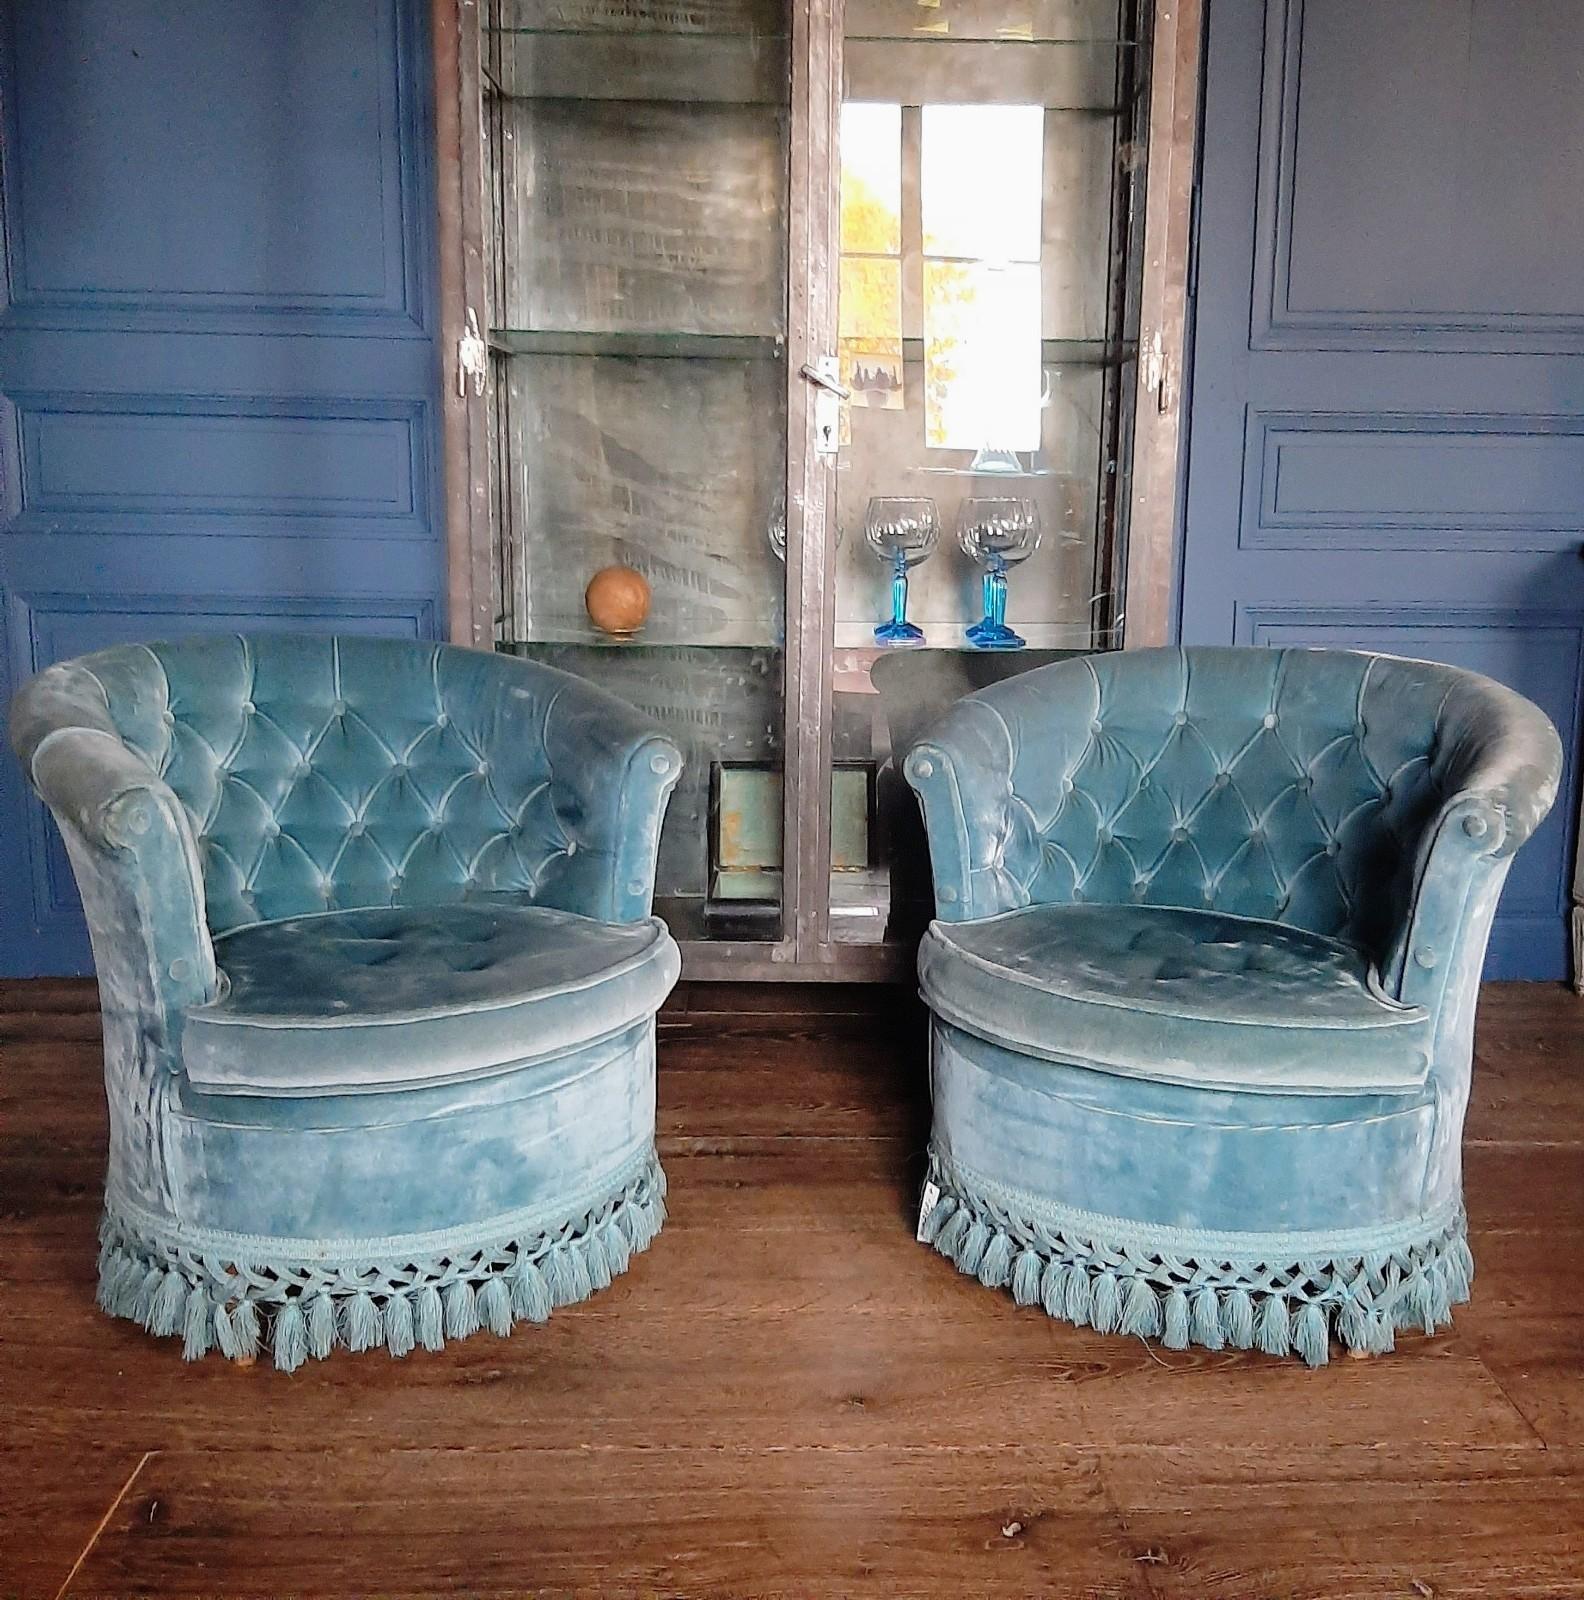 Stel charmante oude fluwelen blauwe fauteuils